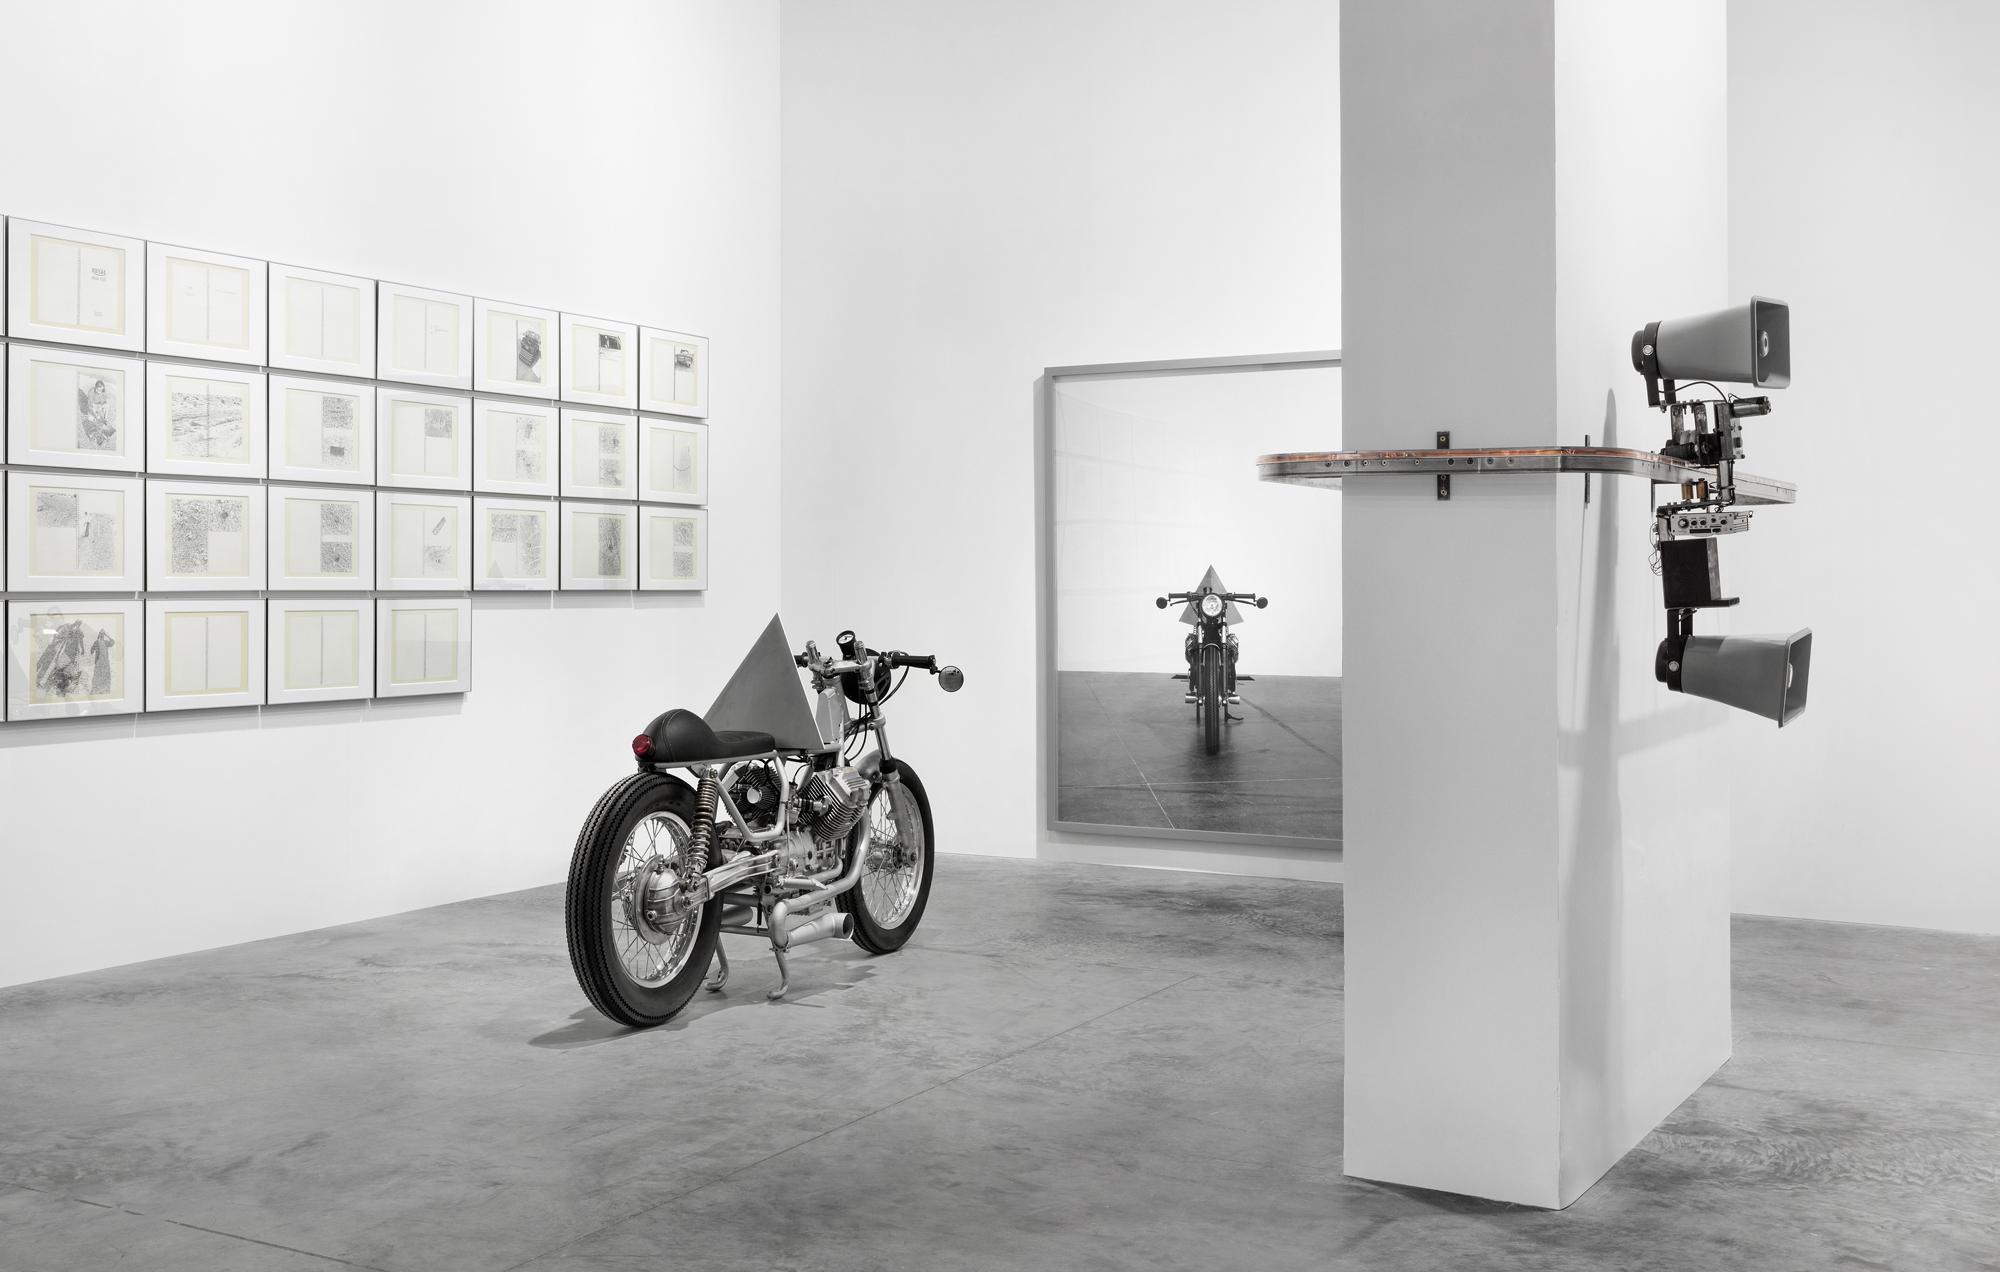 CORRETTO_InvisibleSculptures_026_©AndreaGalvani.jpg